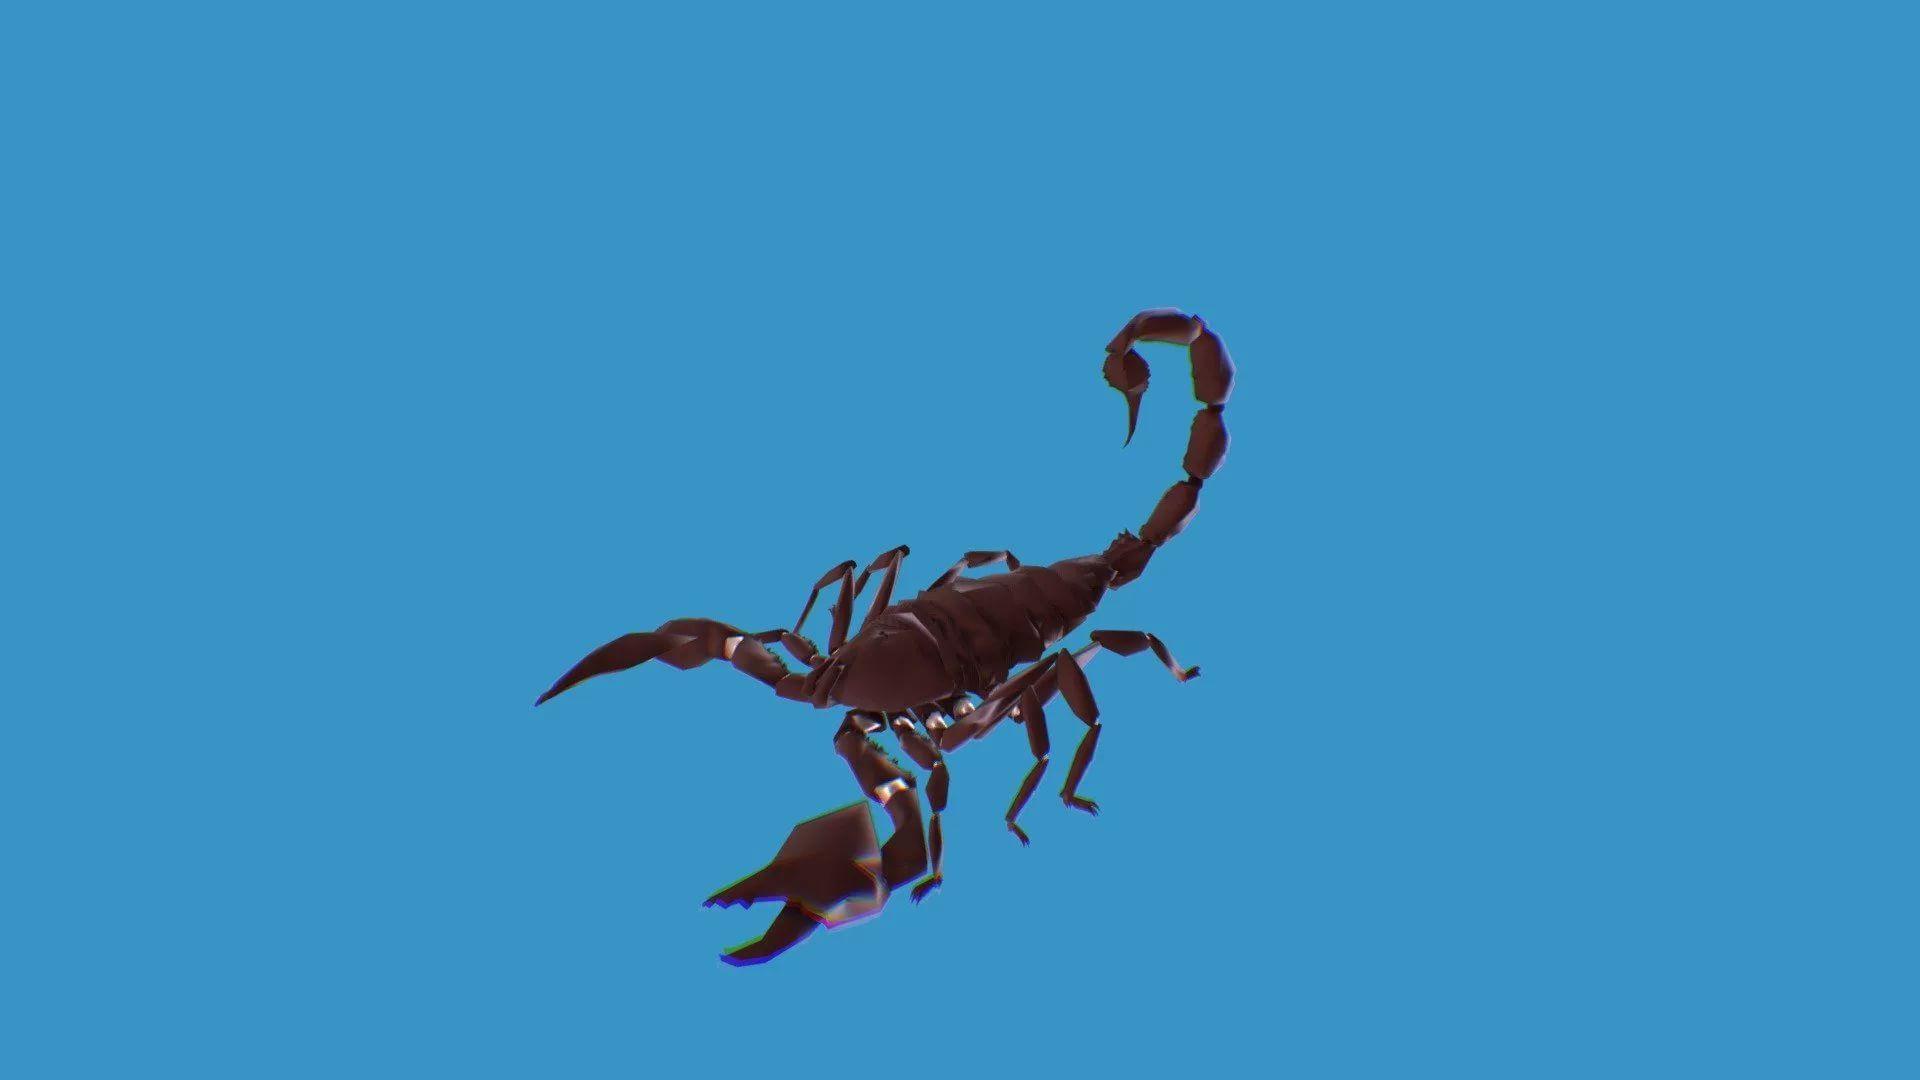 Scorpio Image